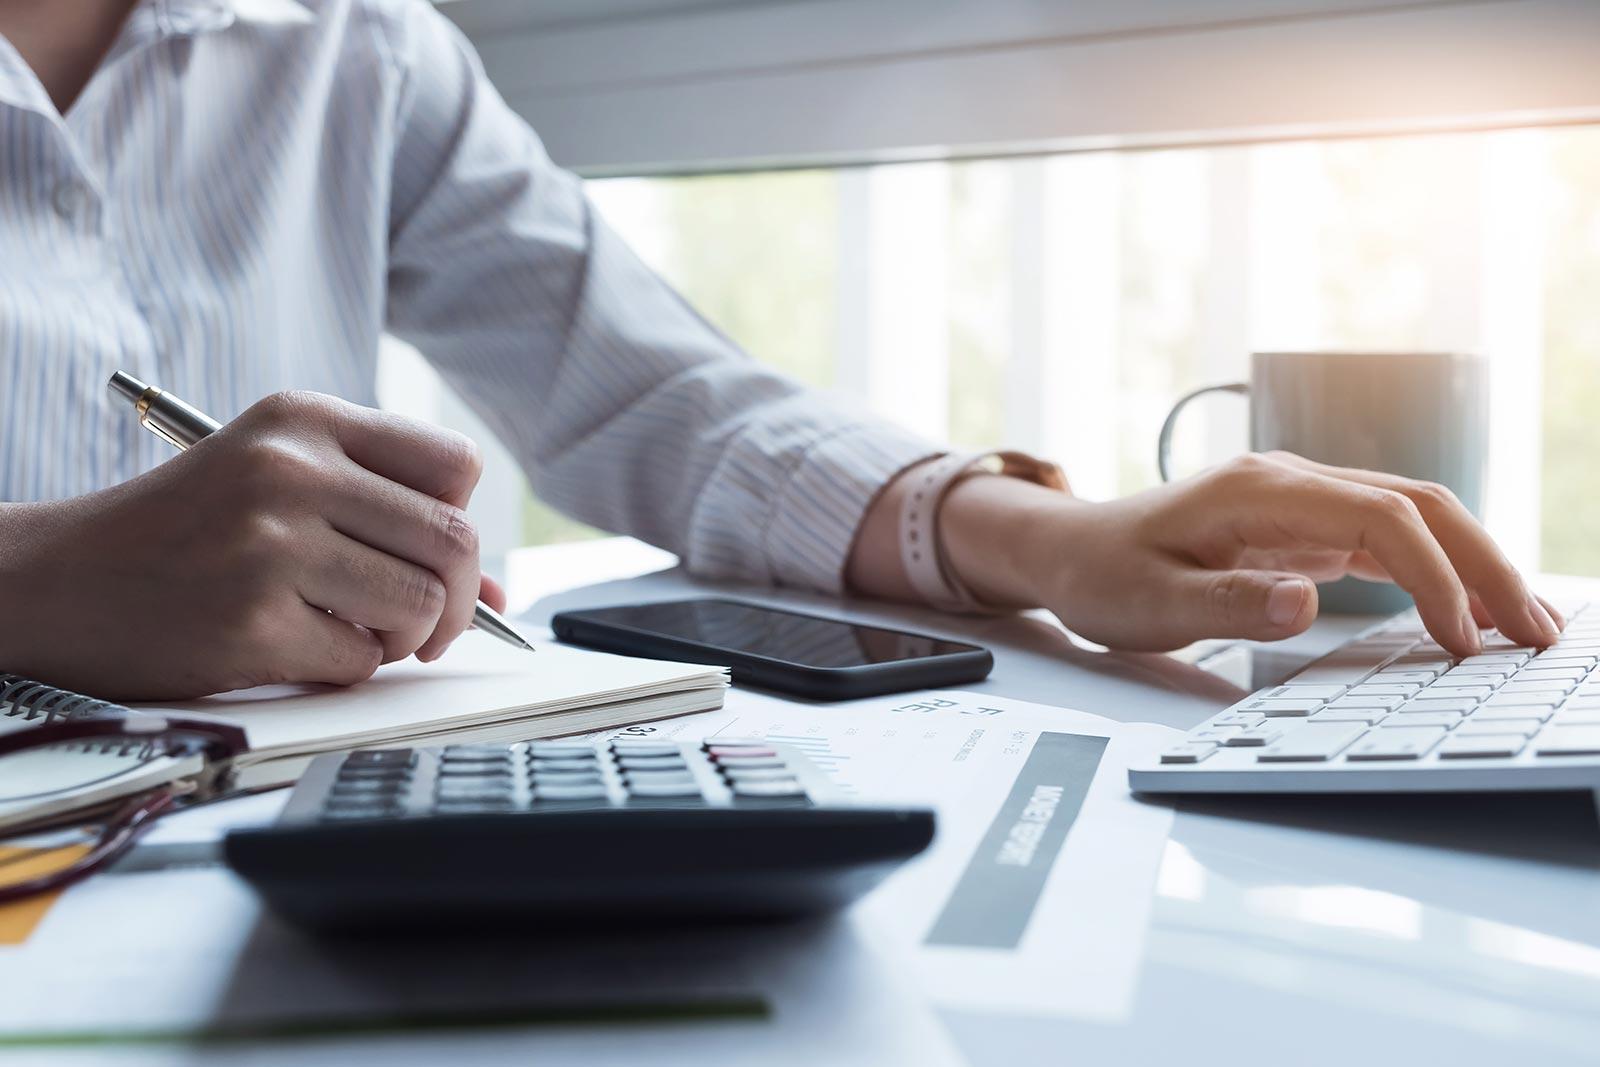 Reviewing finances